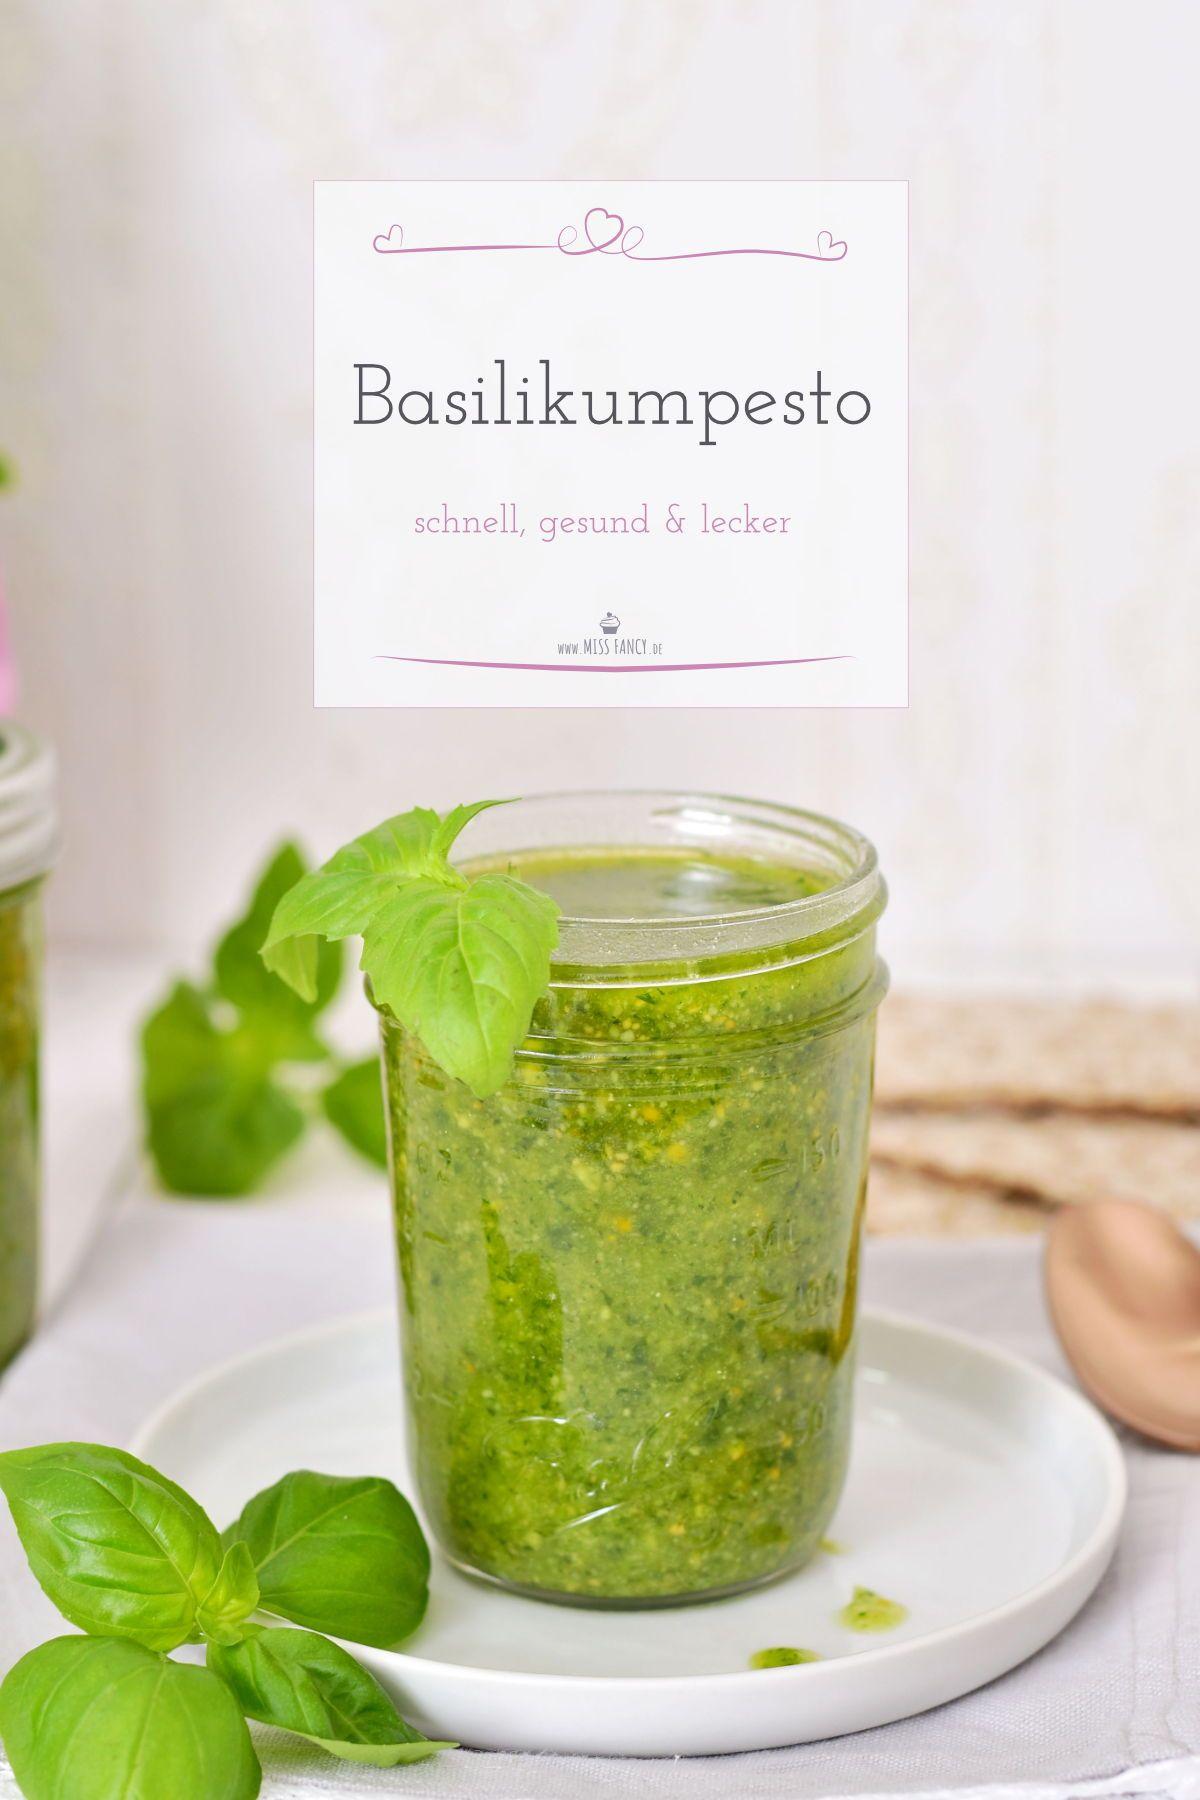 Dieses Basilikumpesto Ist Eines Meiner Liebsten Rezepte Fur Pasta Wie Du Dieses Pesto Ganz Einfach Nachmachen Kannst Er Basilikumpesto Basilikum Pesto Pesto